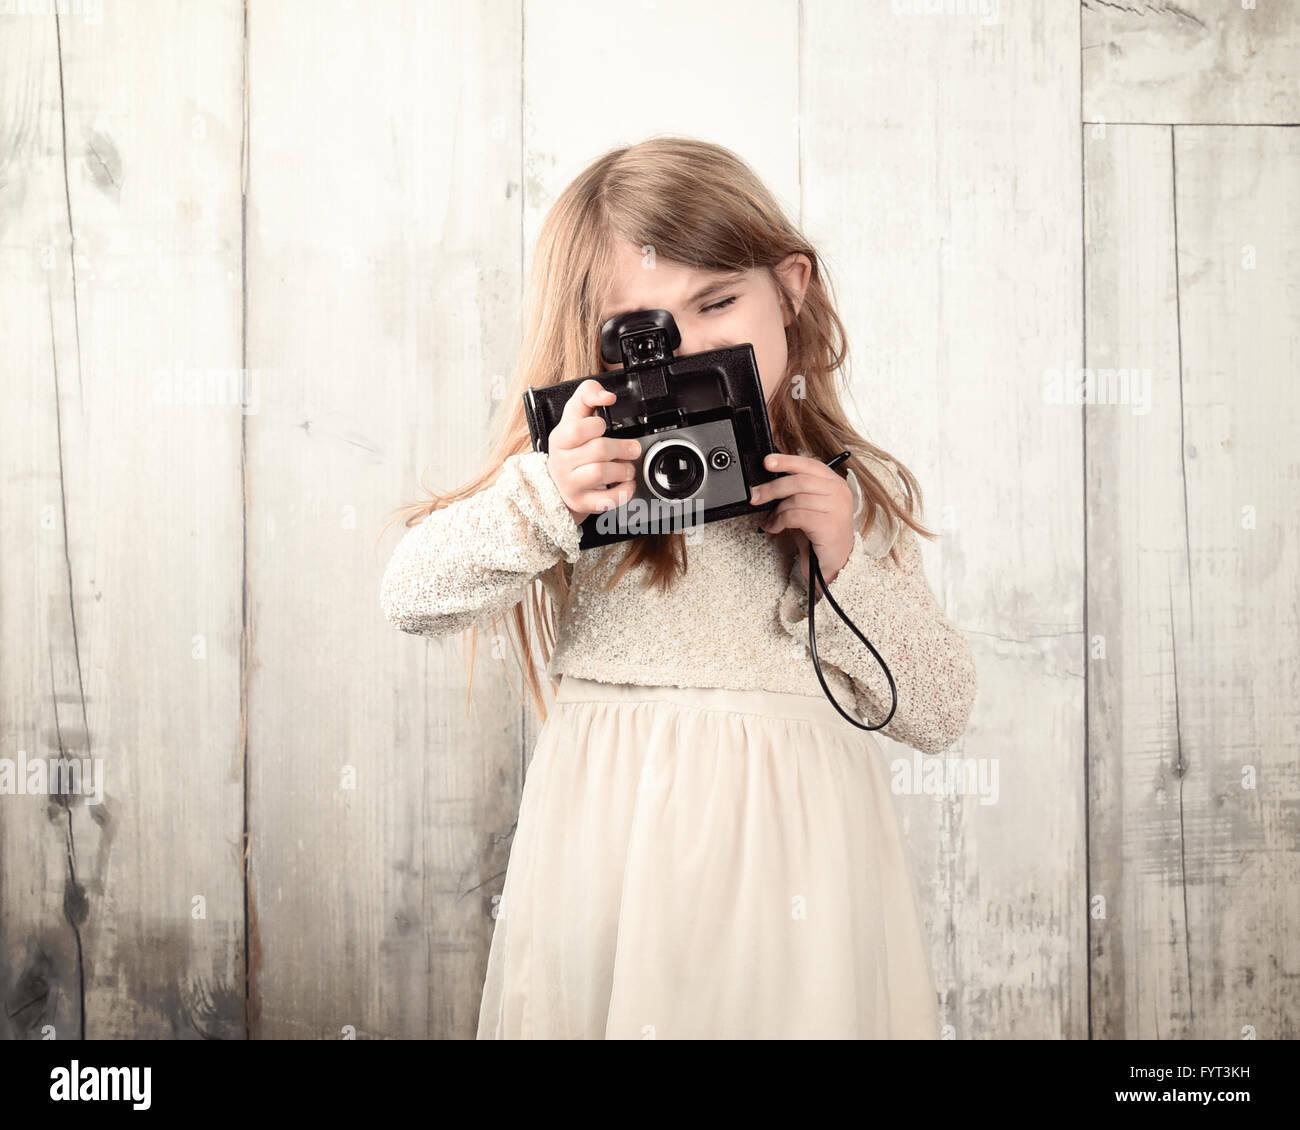 Ein Kind-Fotograf nimmt ein Foto mit einer alten Film-Kamera gegen eine weiße Wand Holz für ein Konzept Stockbild